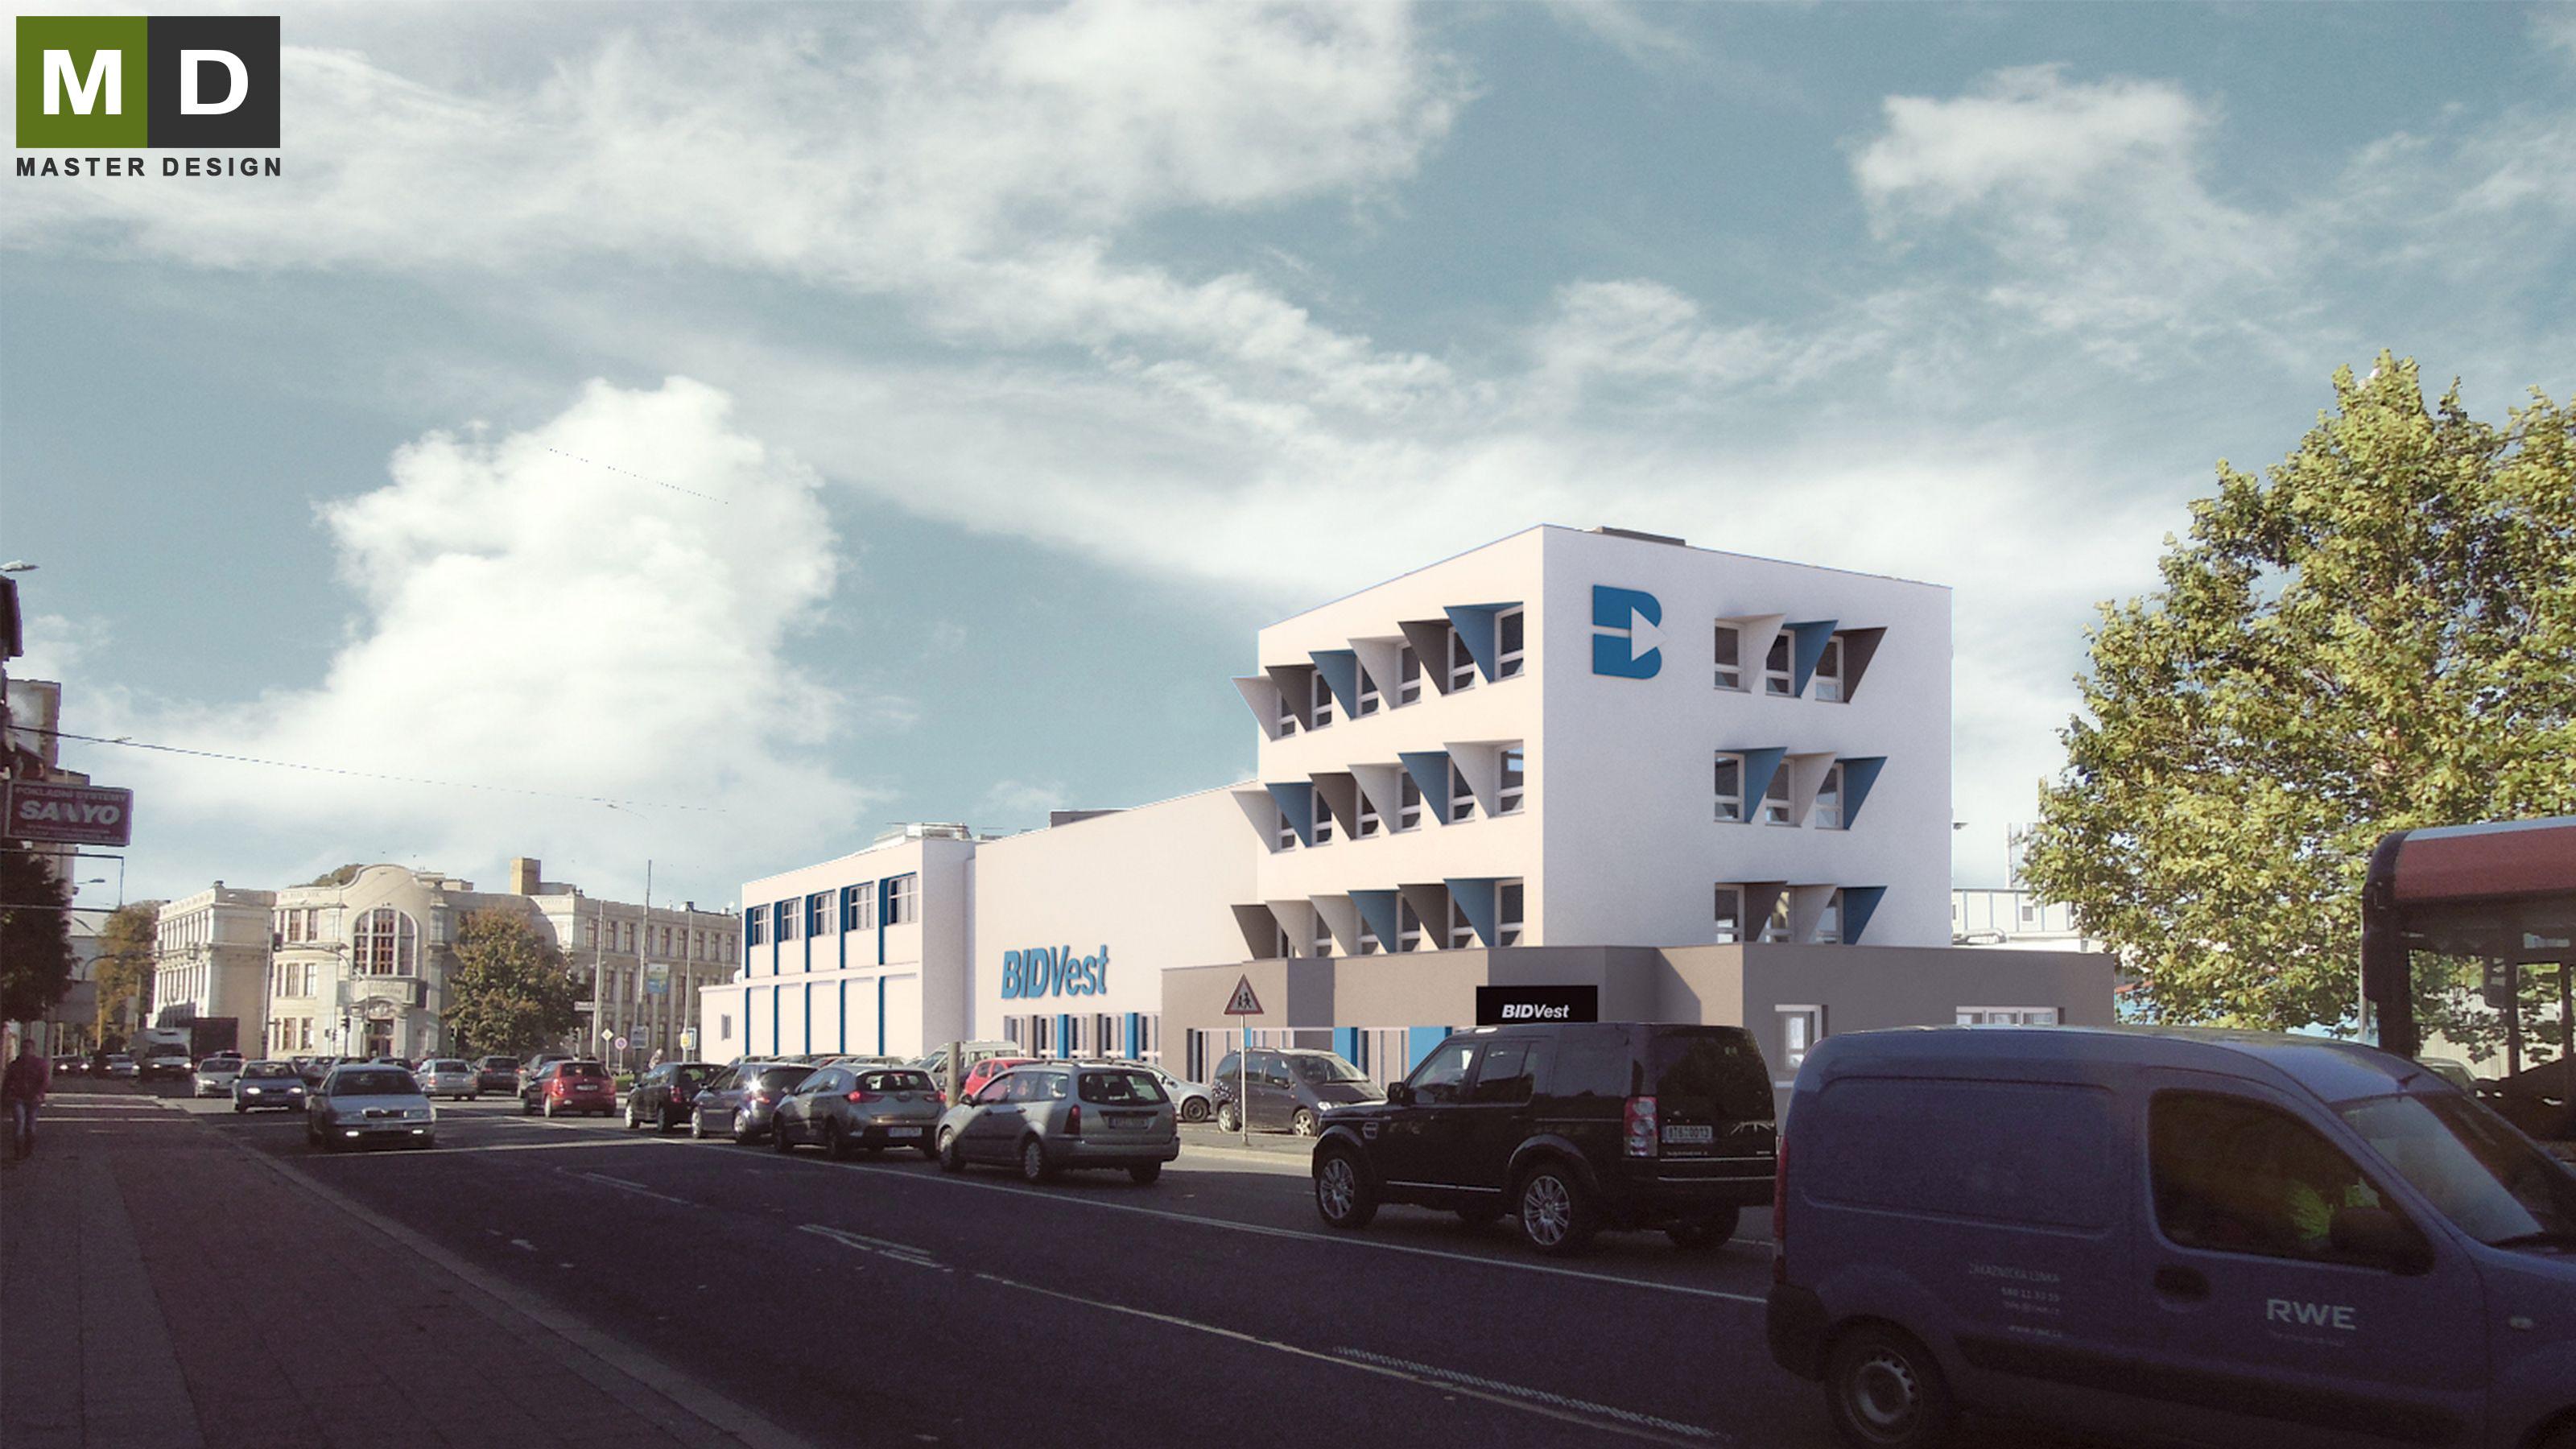 office building facades. Design Of Office Building Facades - Opava Vizualizace 1 O